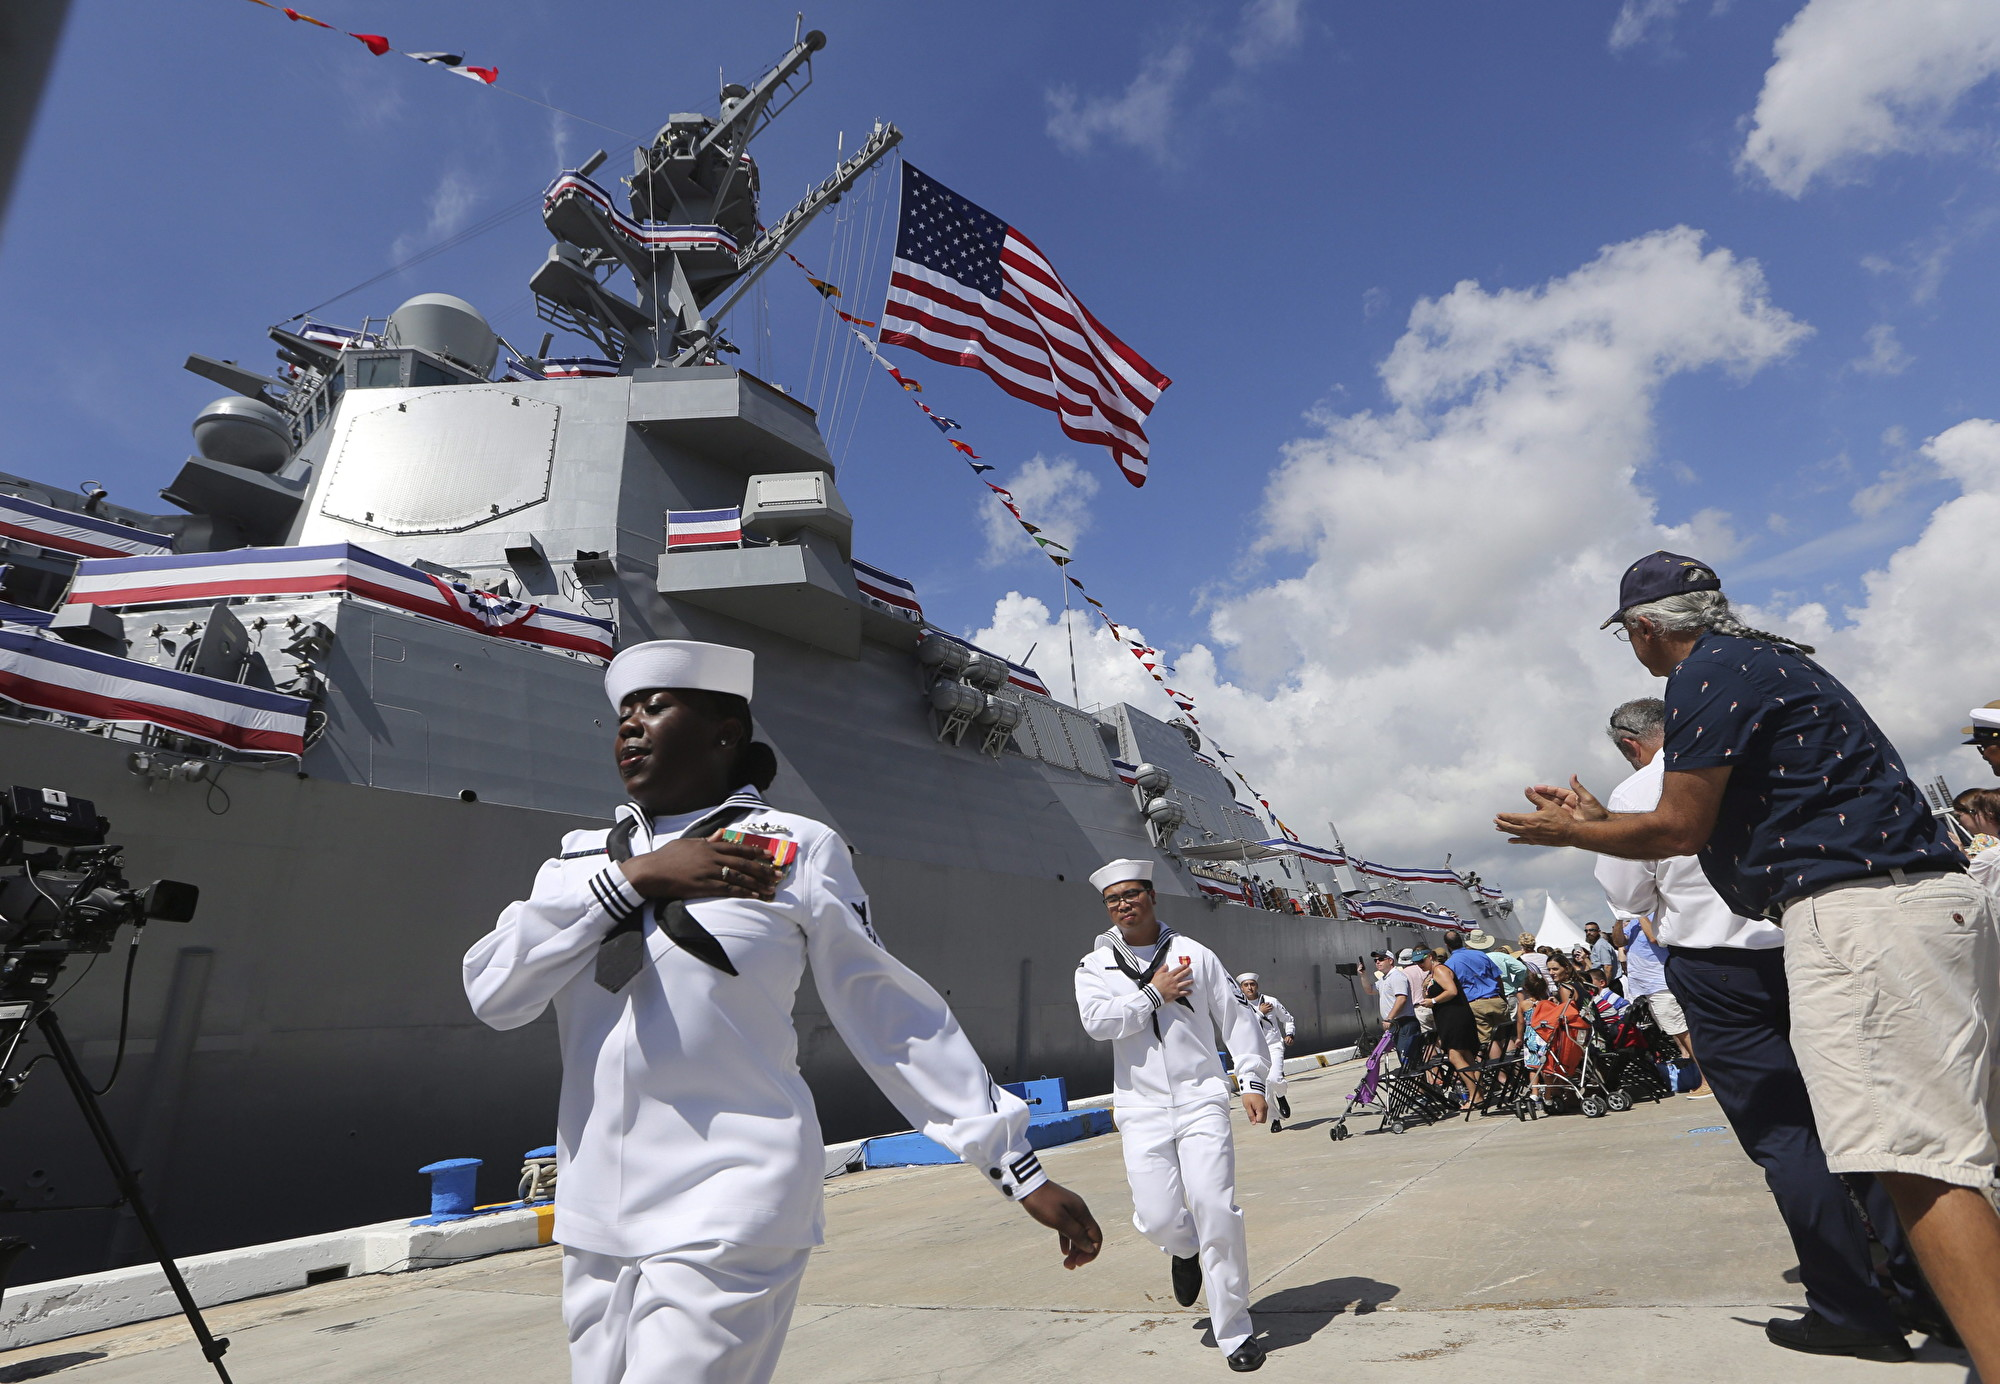 圖為:2019年7月27日,在美國佛羅里達州勞德代爾堡(Fort Lauderdale)埃弗格雷斯港(Port Everglades),美國海軍水手參加了美國海軍導彈驅逐艦「保羅·伊格內修斯號」(USS Paul Ignatius)的試航儀式。(加通社)